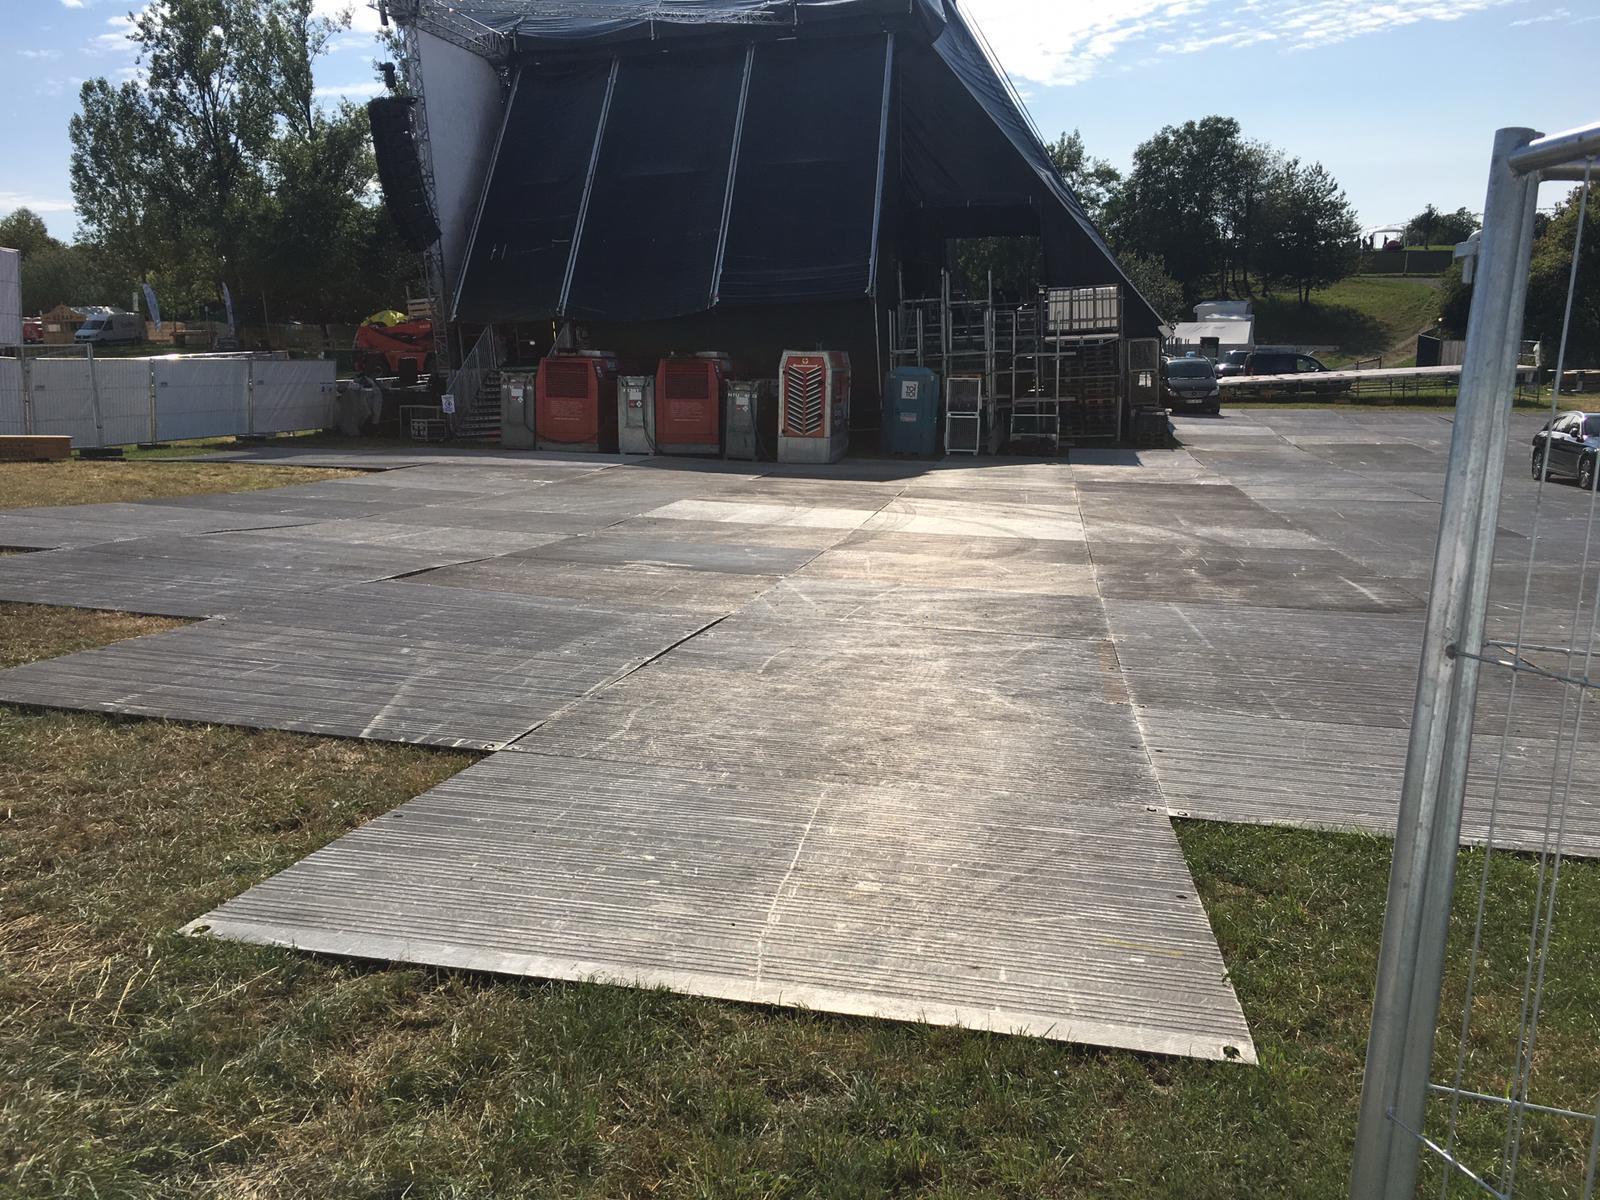 Bodenschutz-rasenschutzsystem-bodenplatten-alupanel-alu-panel-bodenschutzsystem-veranstaltung-event-openair-festival-konzert-happiness-event-eventboden